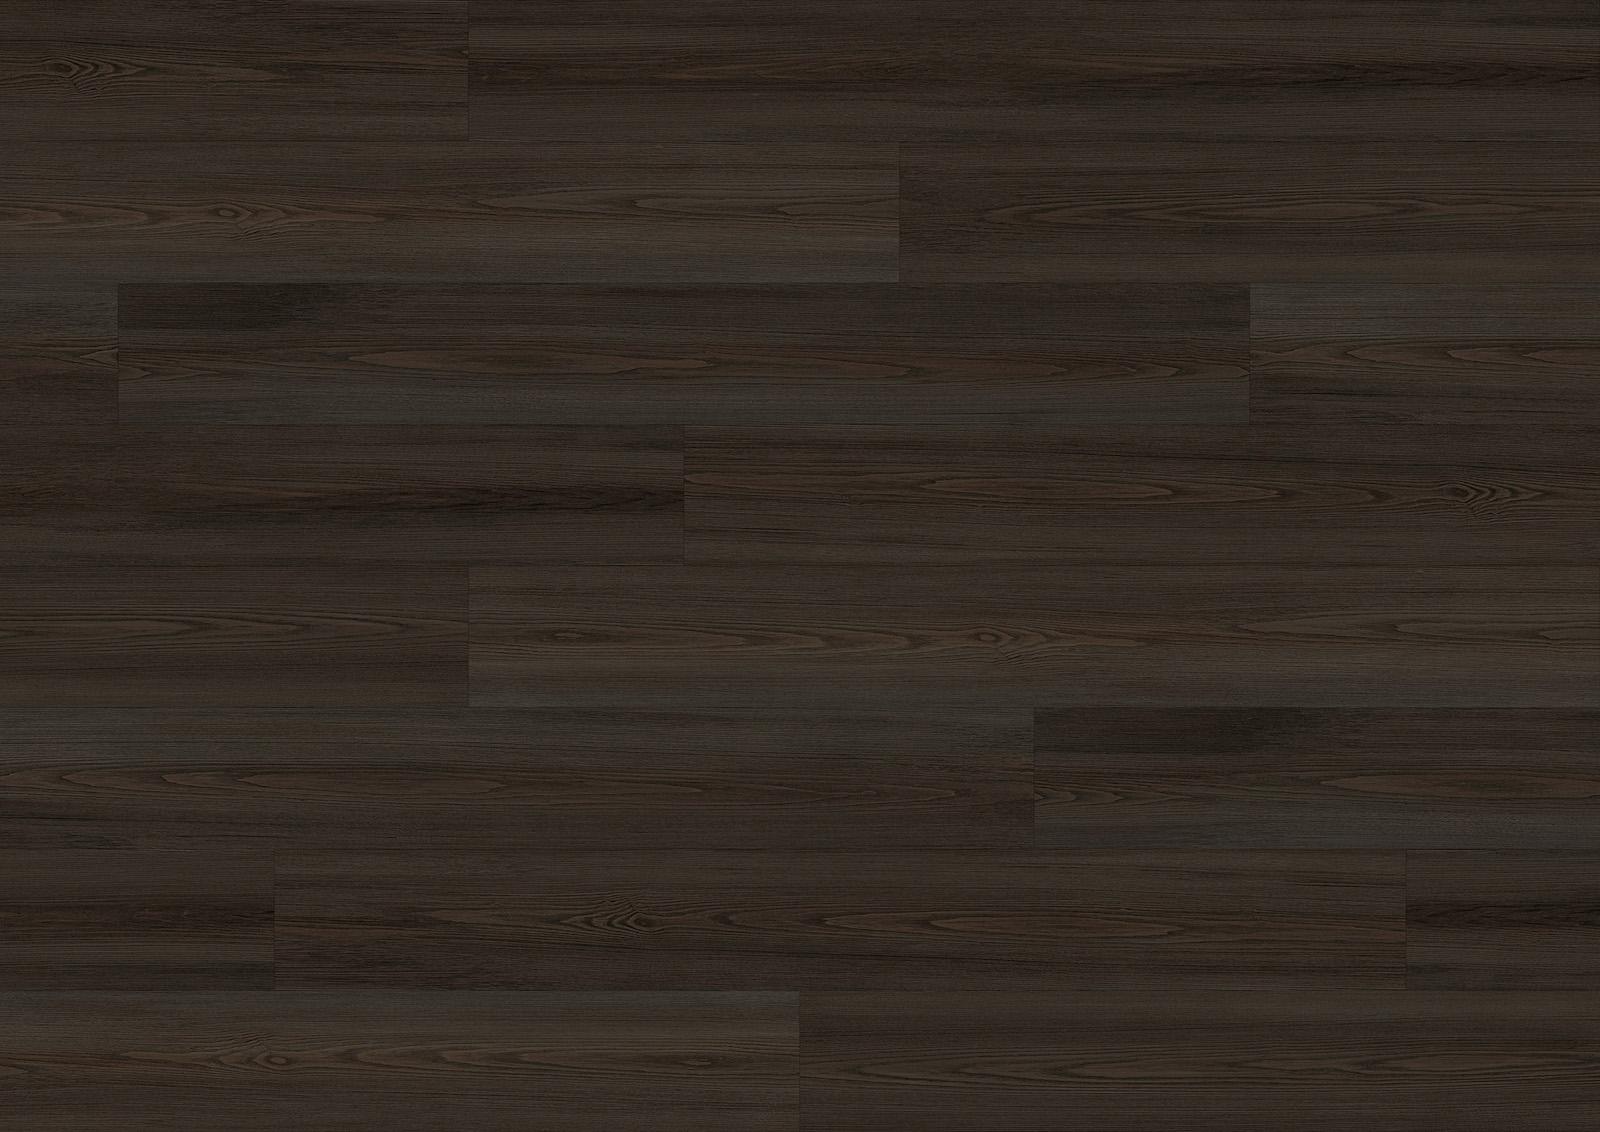 648-706 mahogany